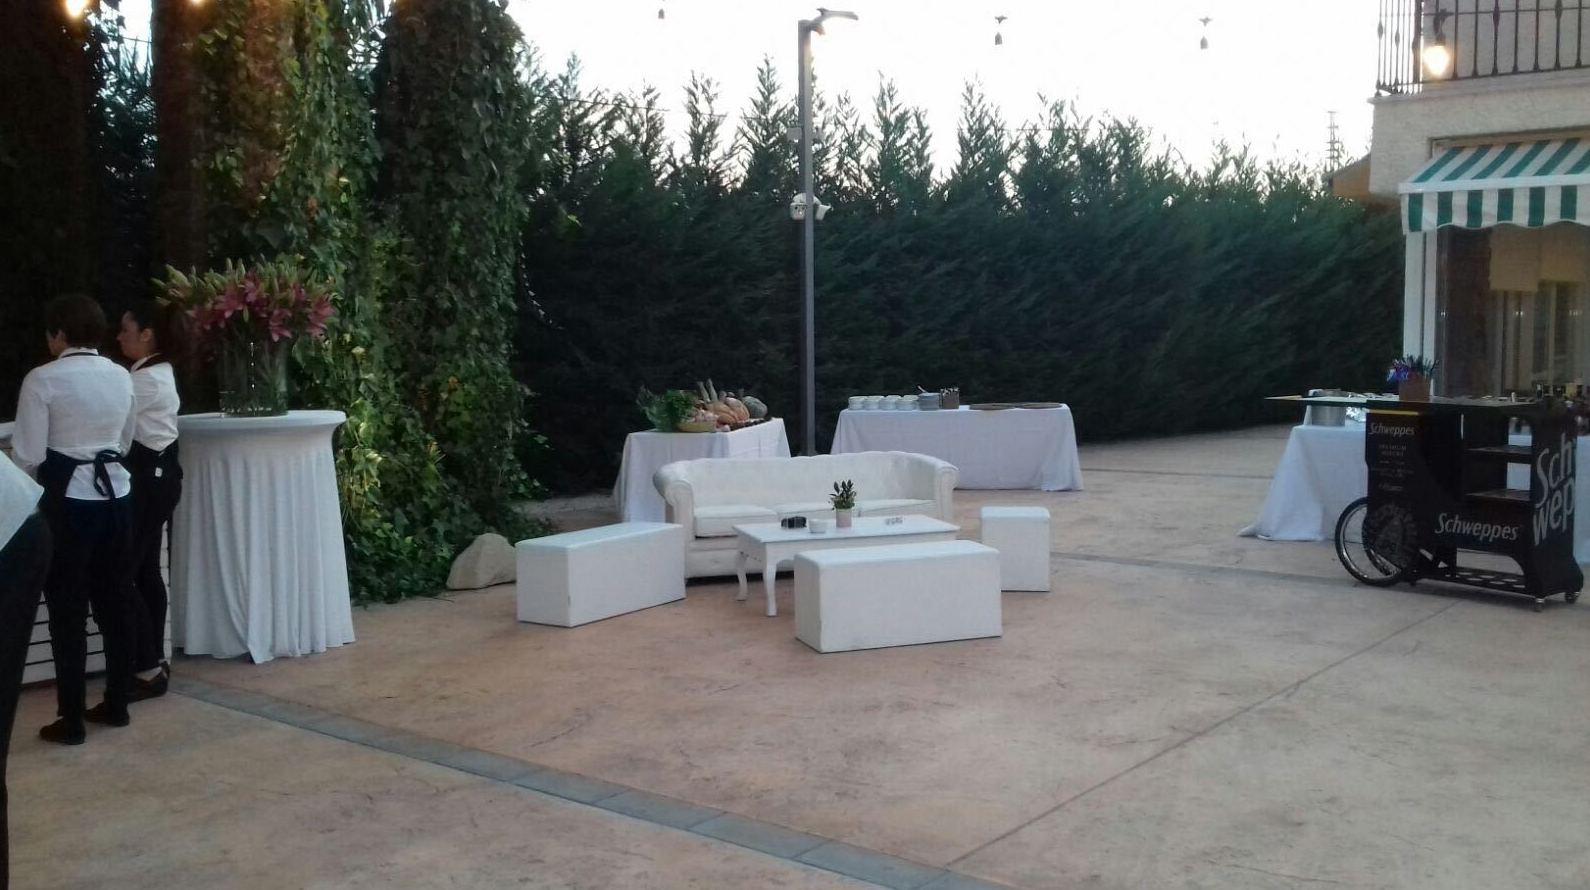 Alquiler de sillas y mesas para eventos en Alicante